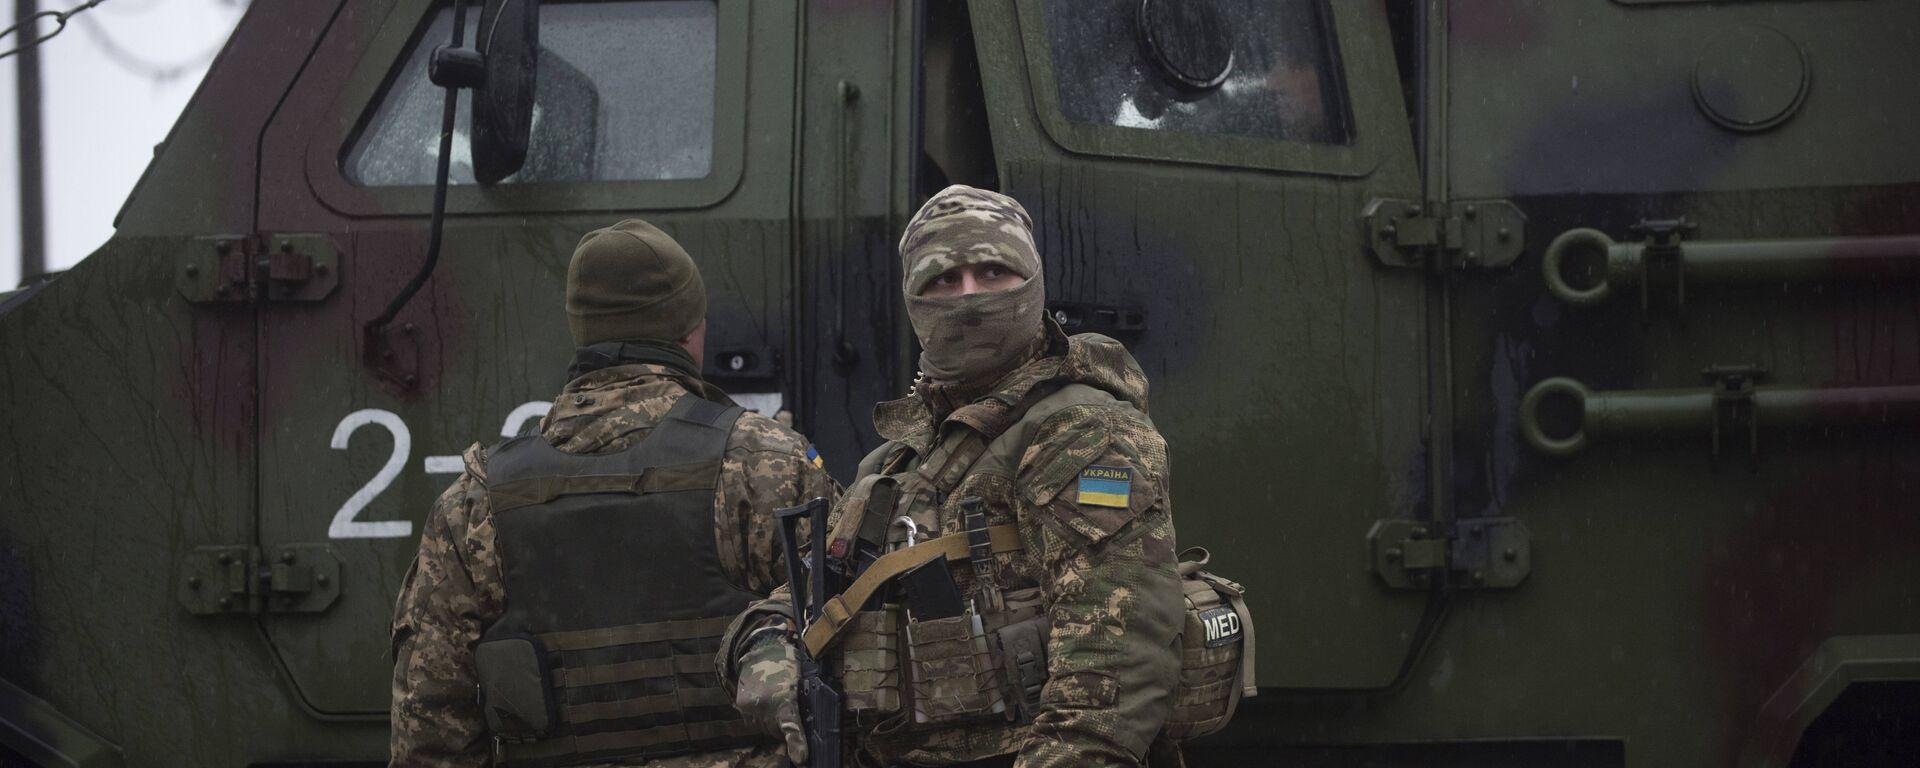 Militares ucranianos, imagen referencial - Sputnik Mundo, 1920, 08.04.2021